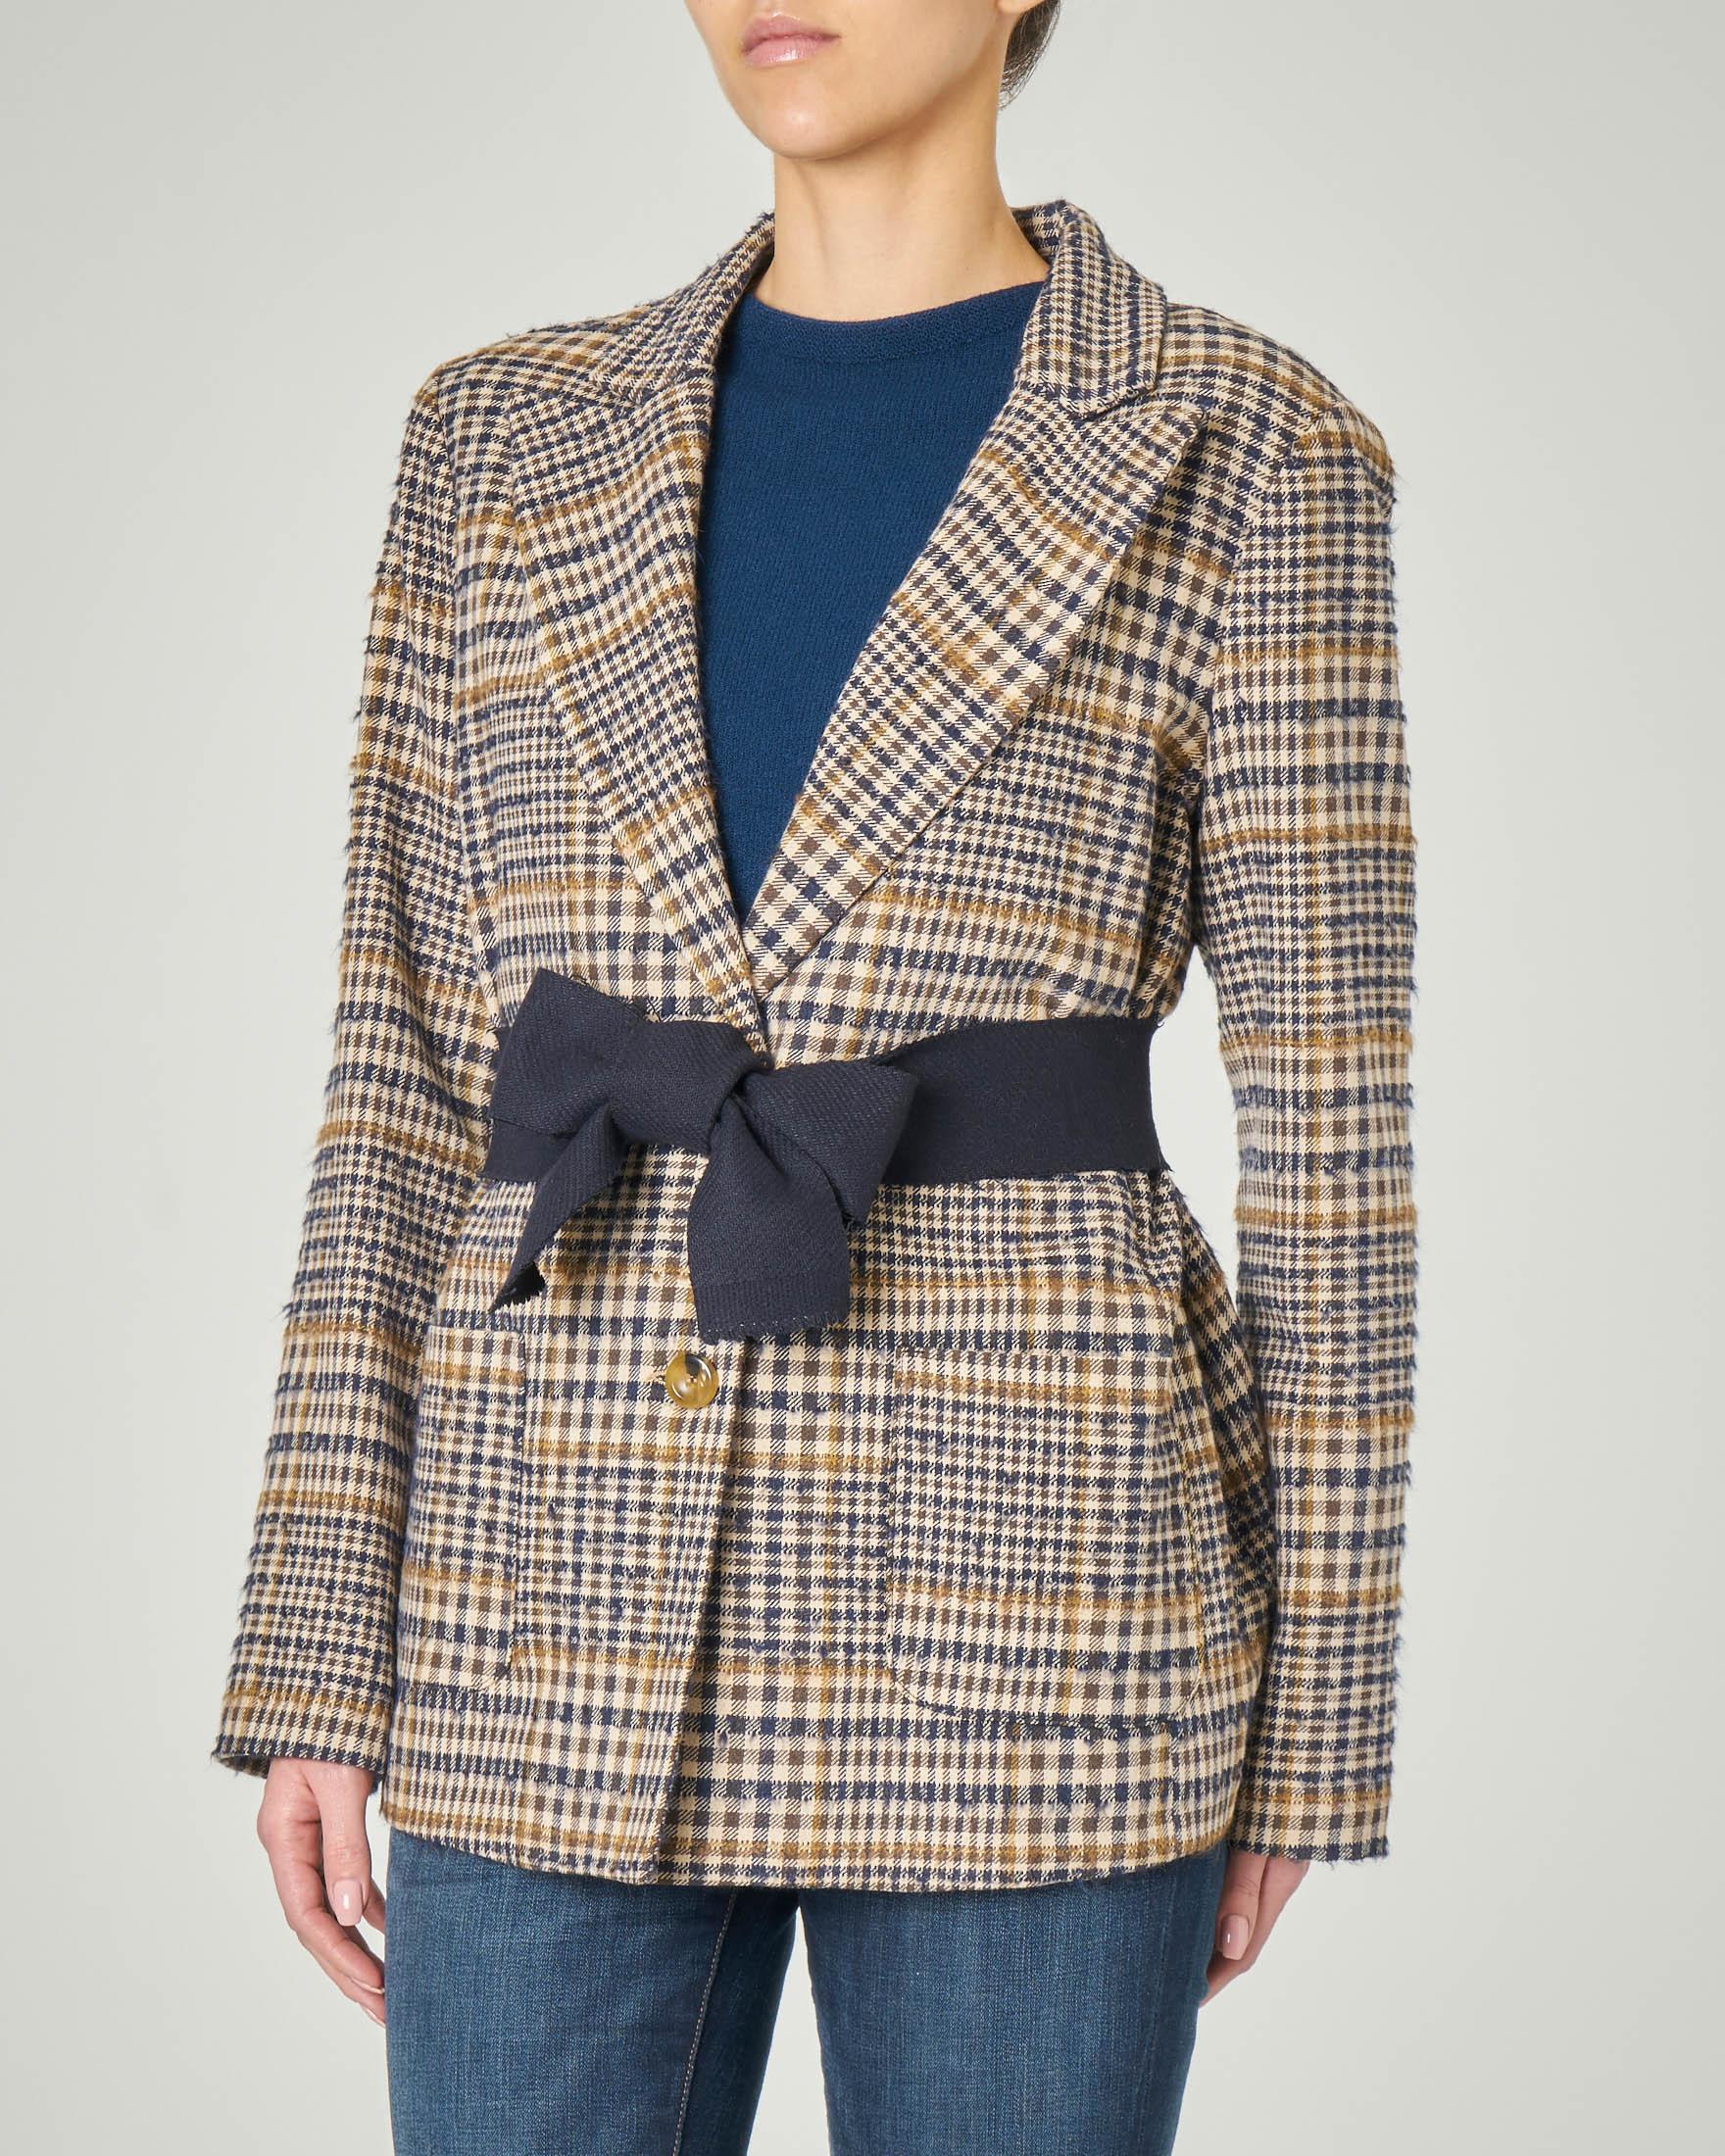 Blazer in misto lana a fantasia check cammello e blu con cintura in tessuto